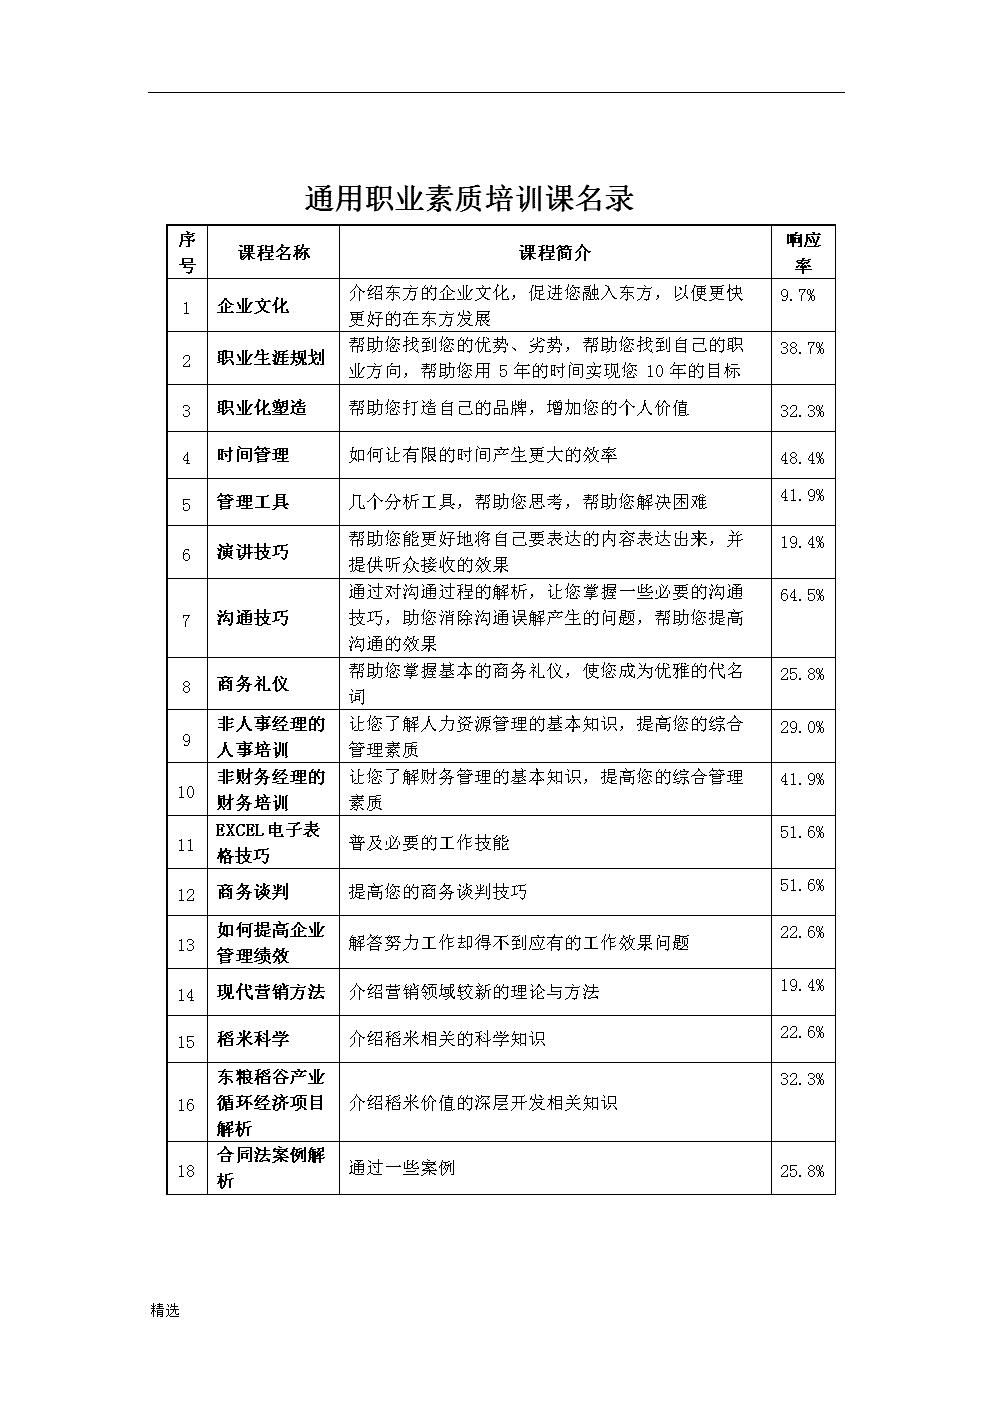 通用职业素质培训课名录.docx